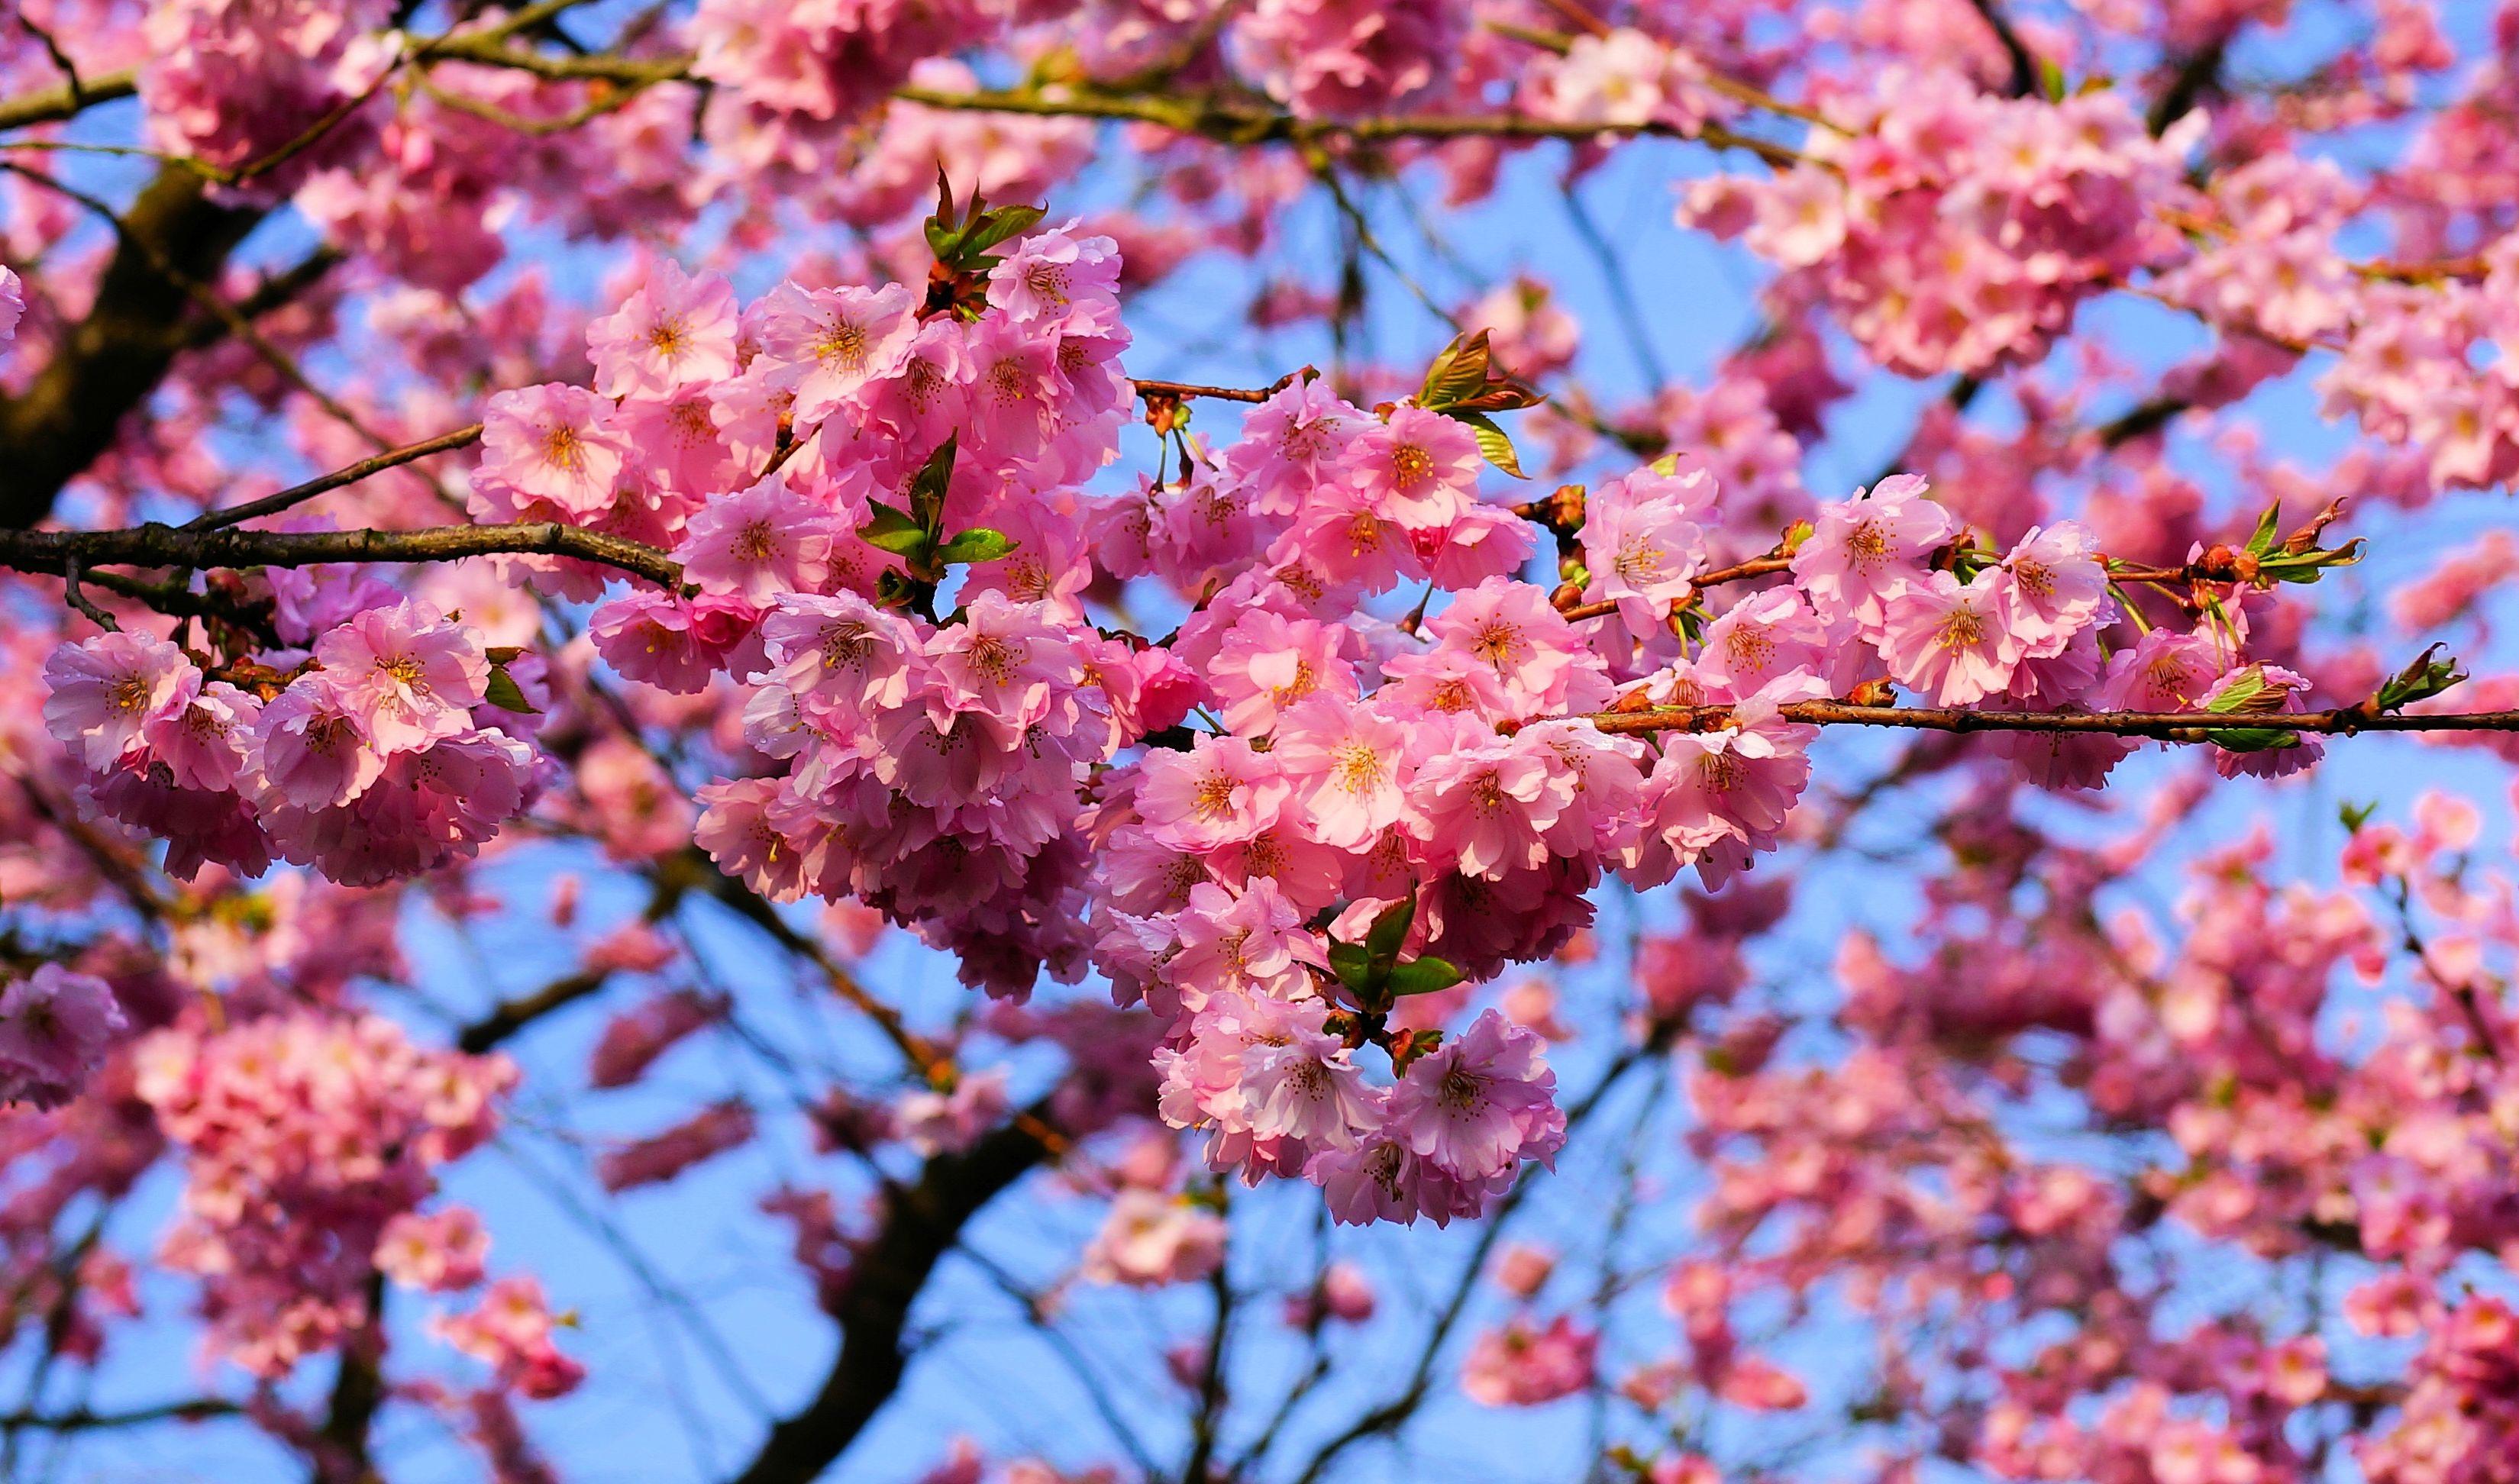 Free Images Tree Branch Leaf Flower Petal Bloom Spring